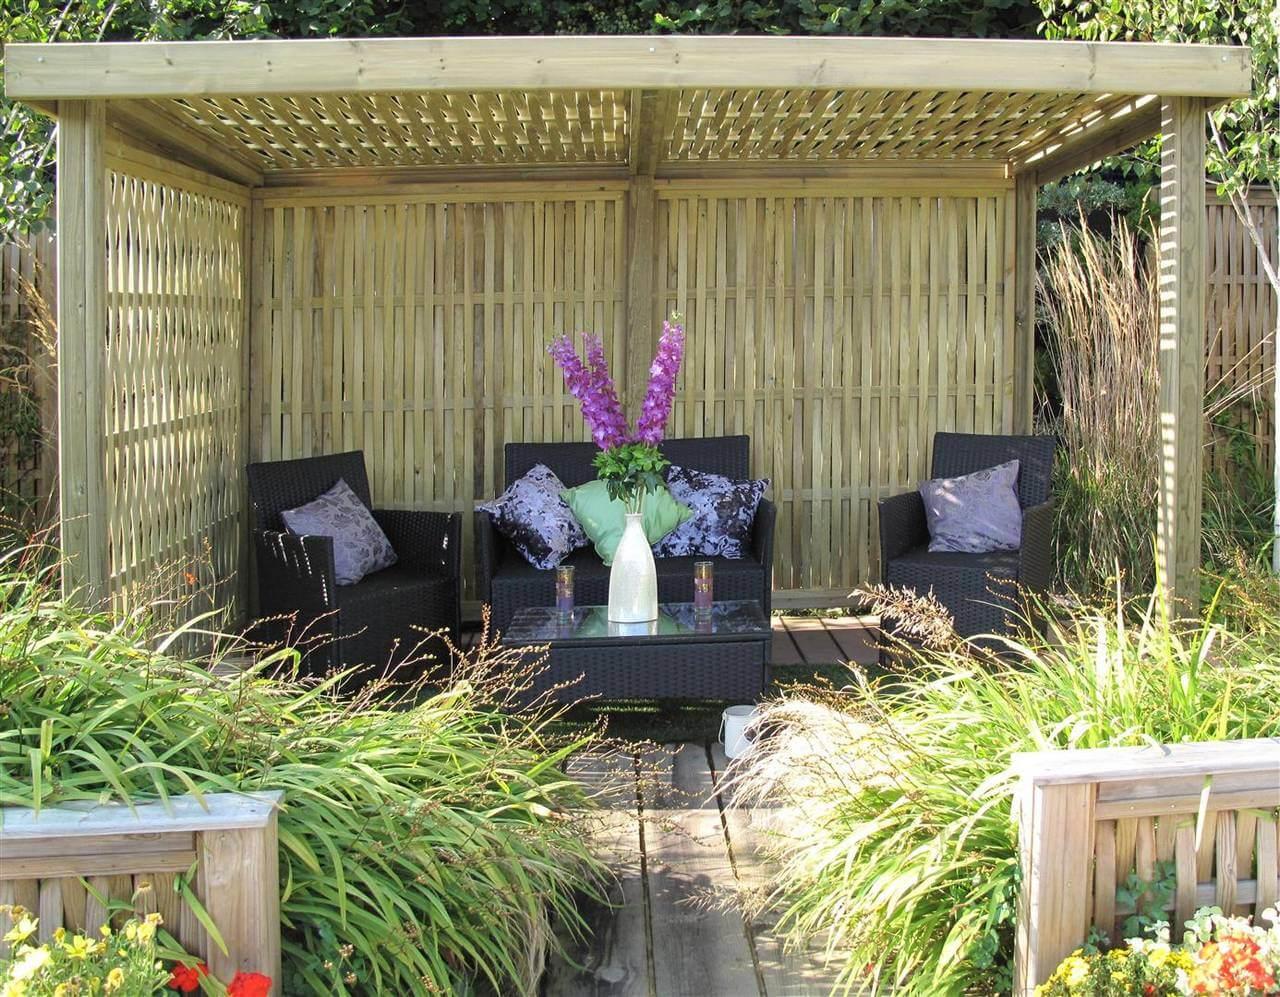 Woven Retreat Garden Shelter